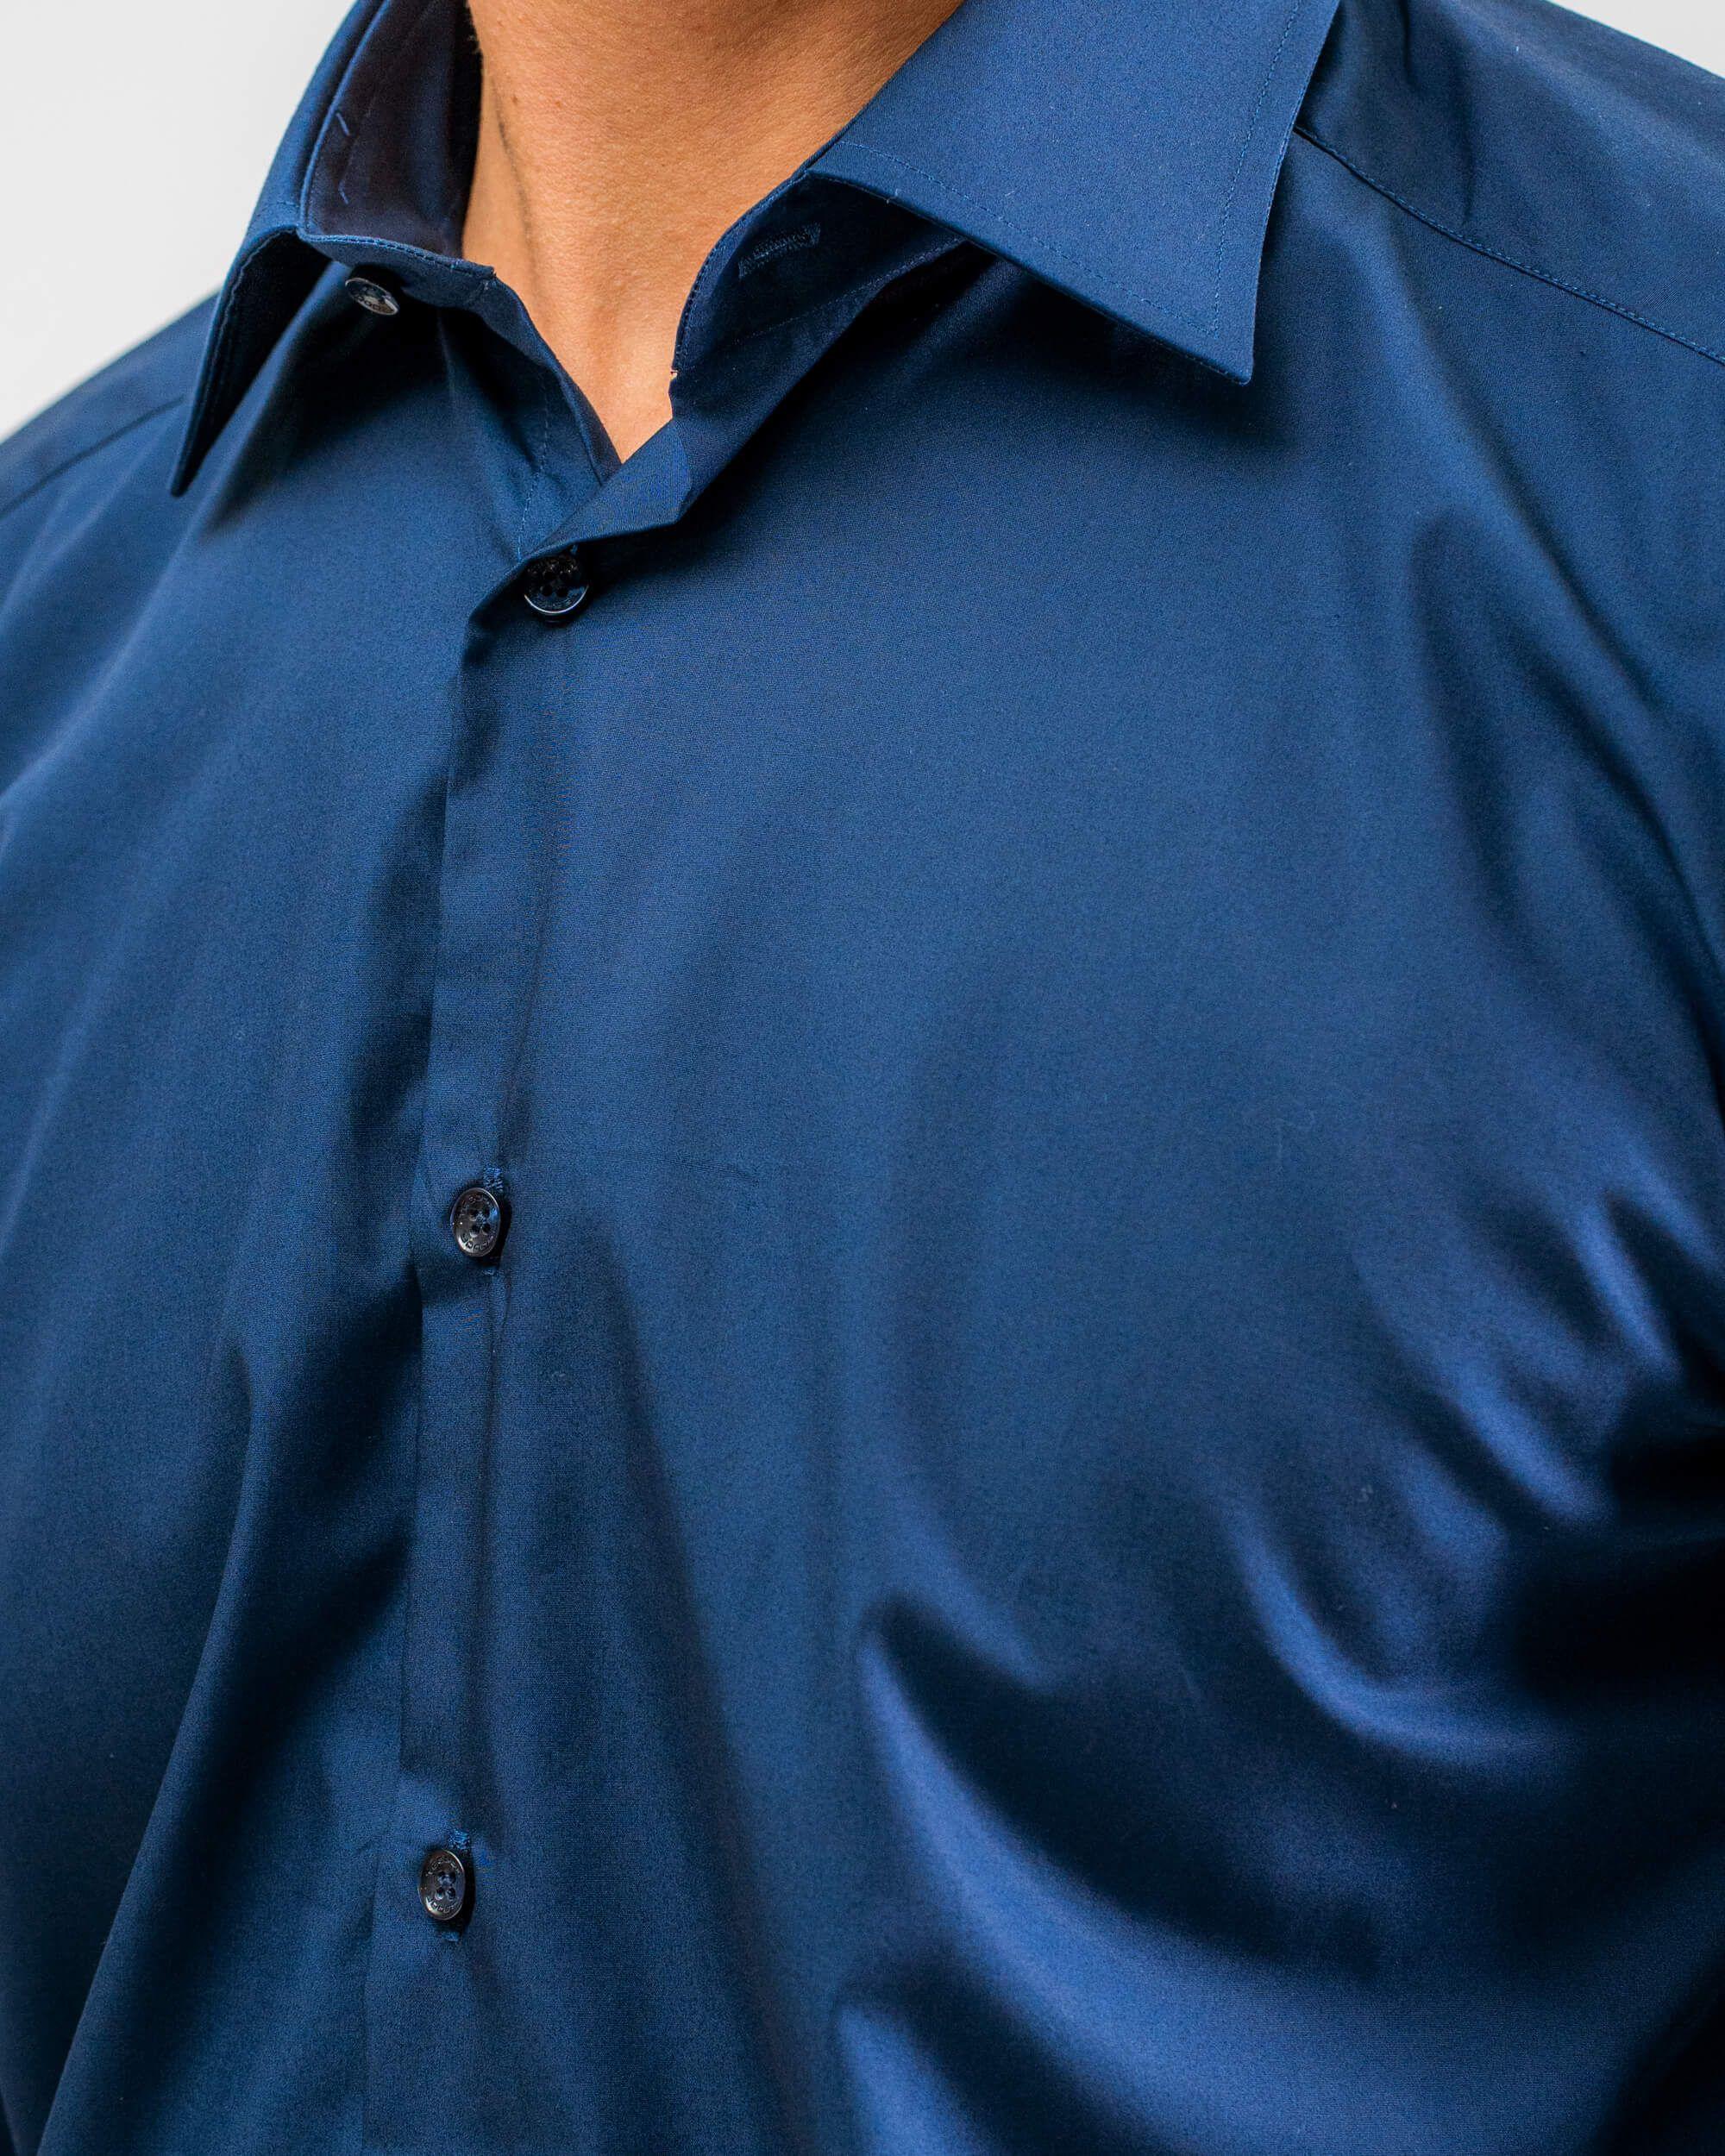 Качествени мъжки ризи от TEODOR